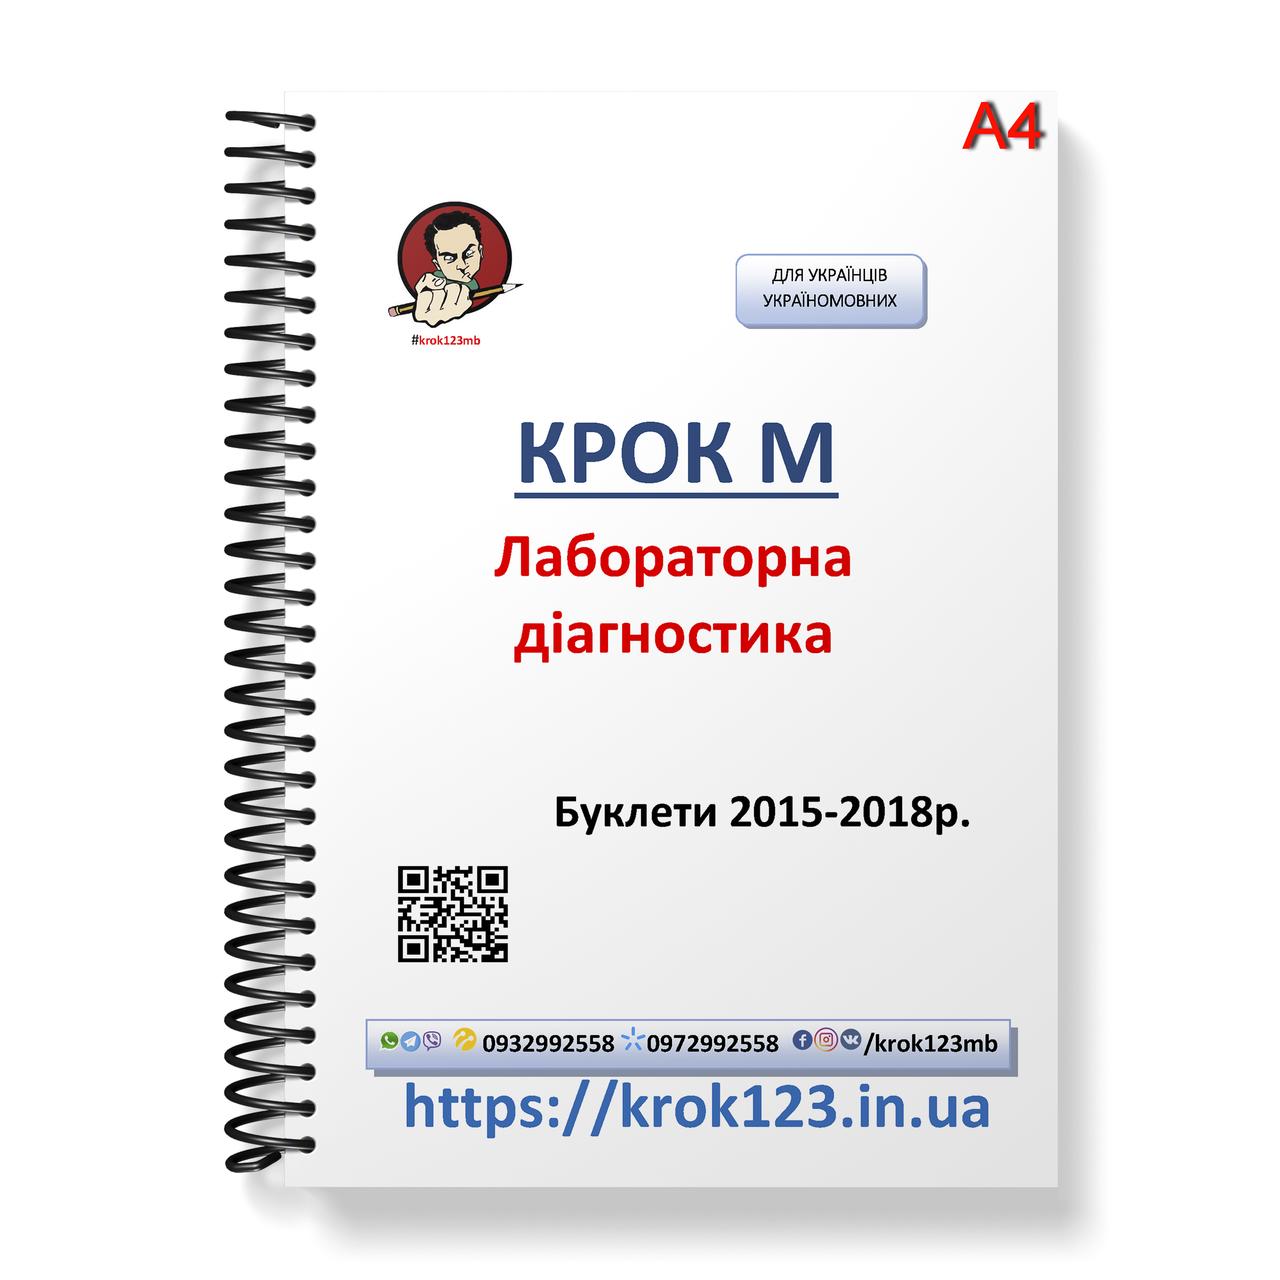 Крок М. Лабораторная диагностика. Буклеты 2015-2018 . Для украинцев украиноязычных. Формат А4